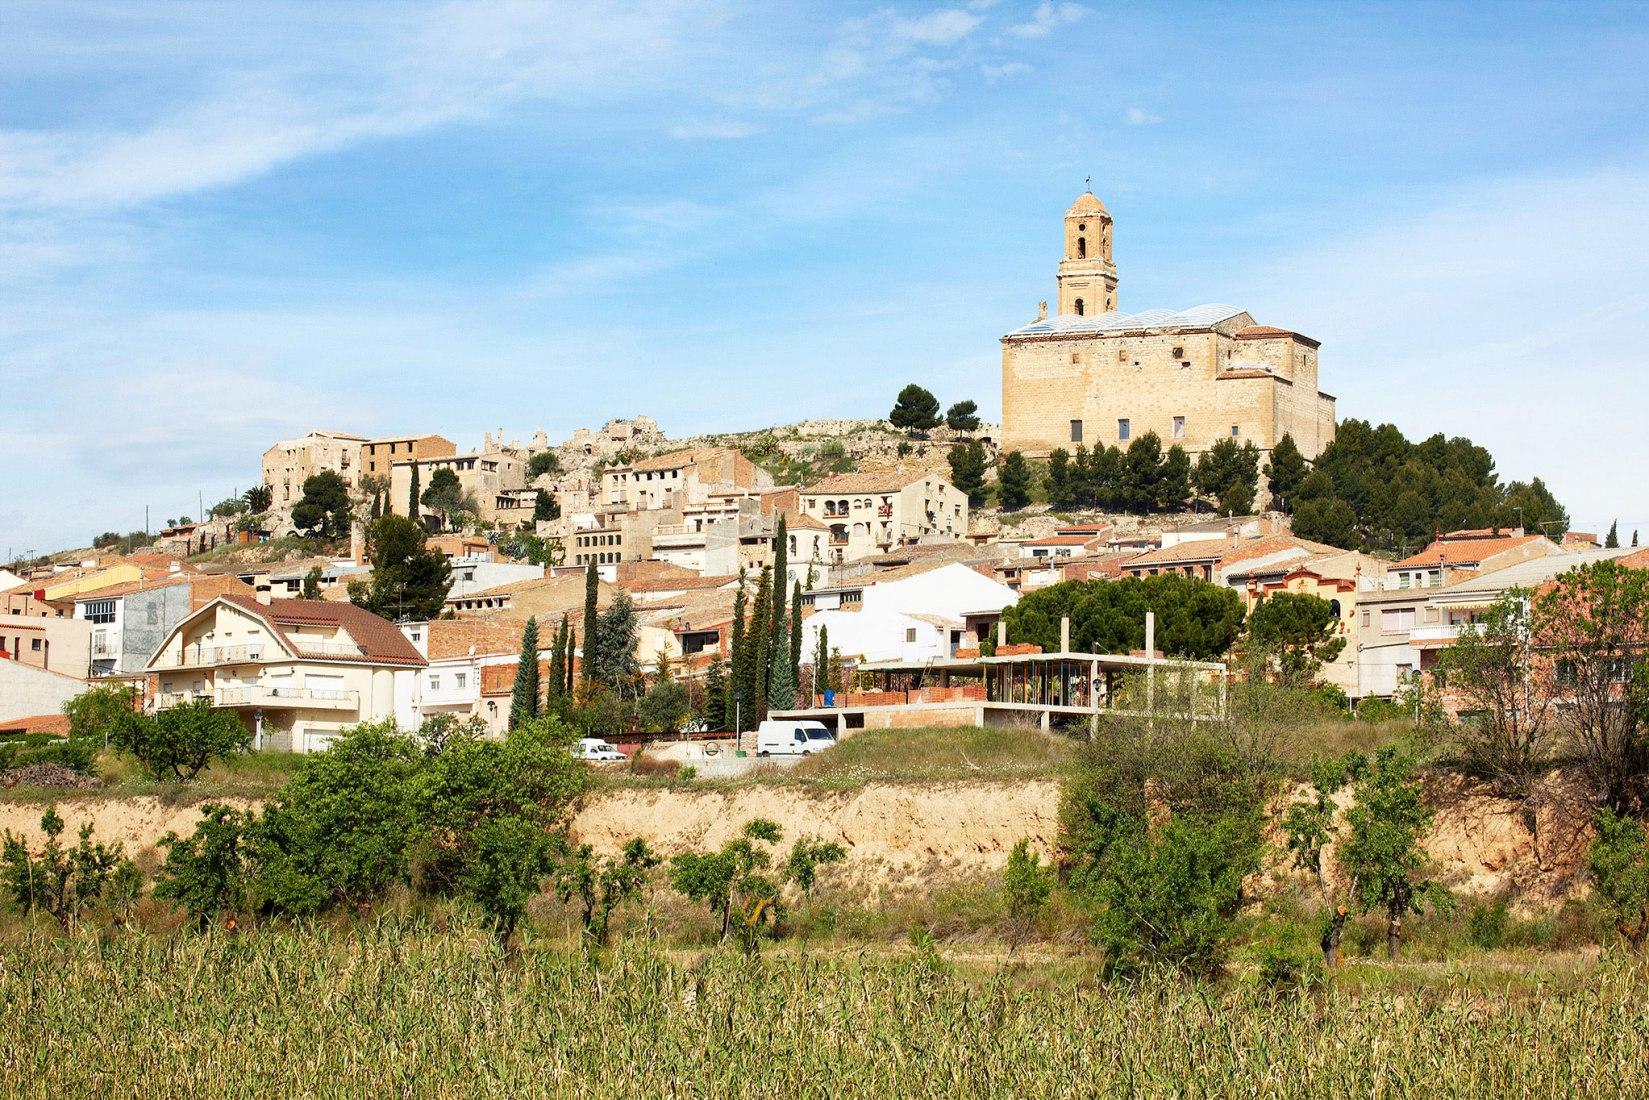 Restauración de la antigua iglesia de Corbera d'Ebre por Ferran Vizoso Architecture. Fotografía © José Hevia